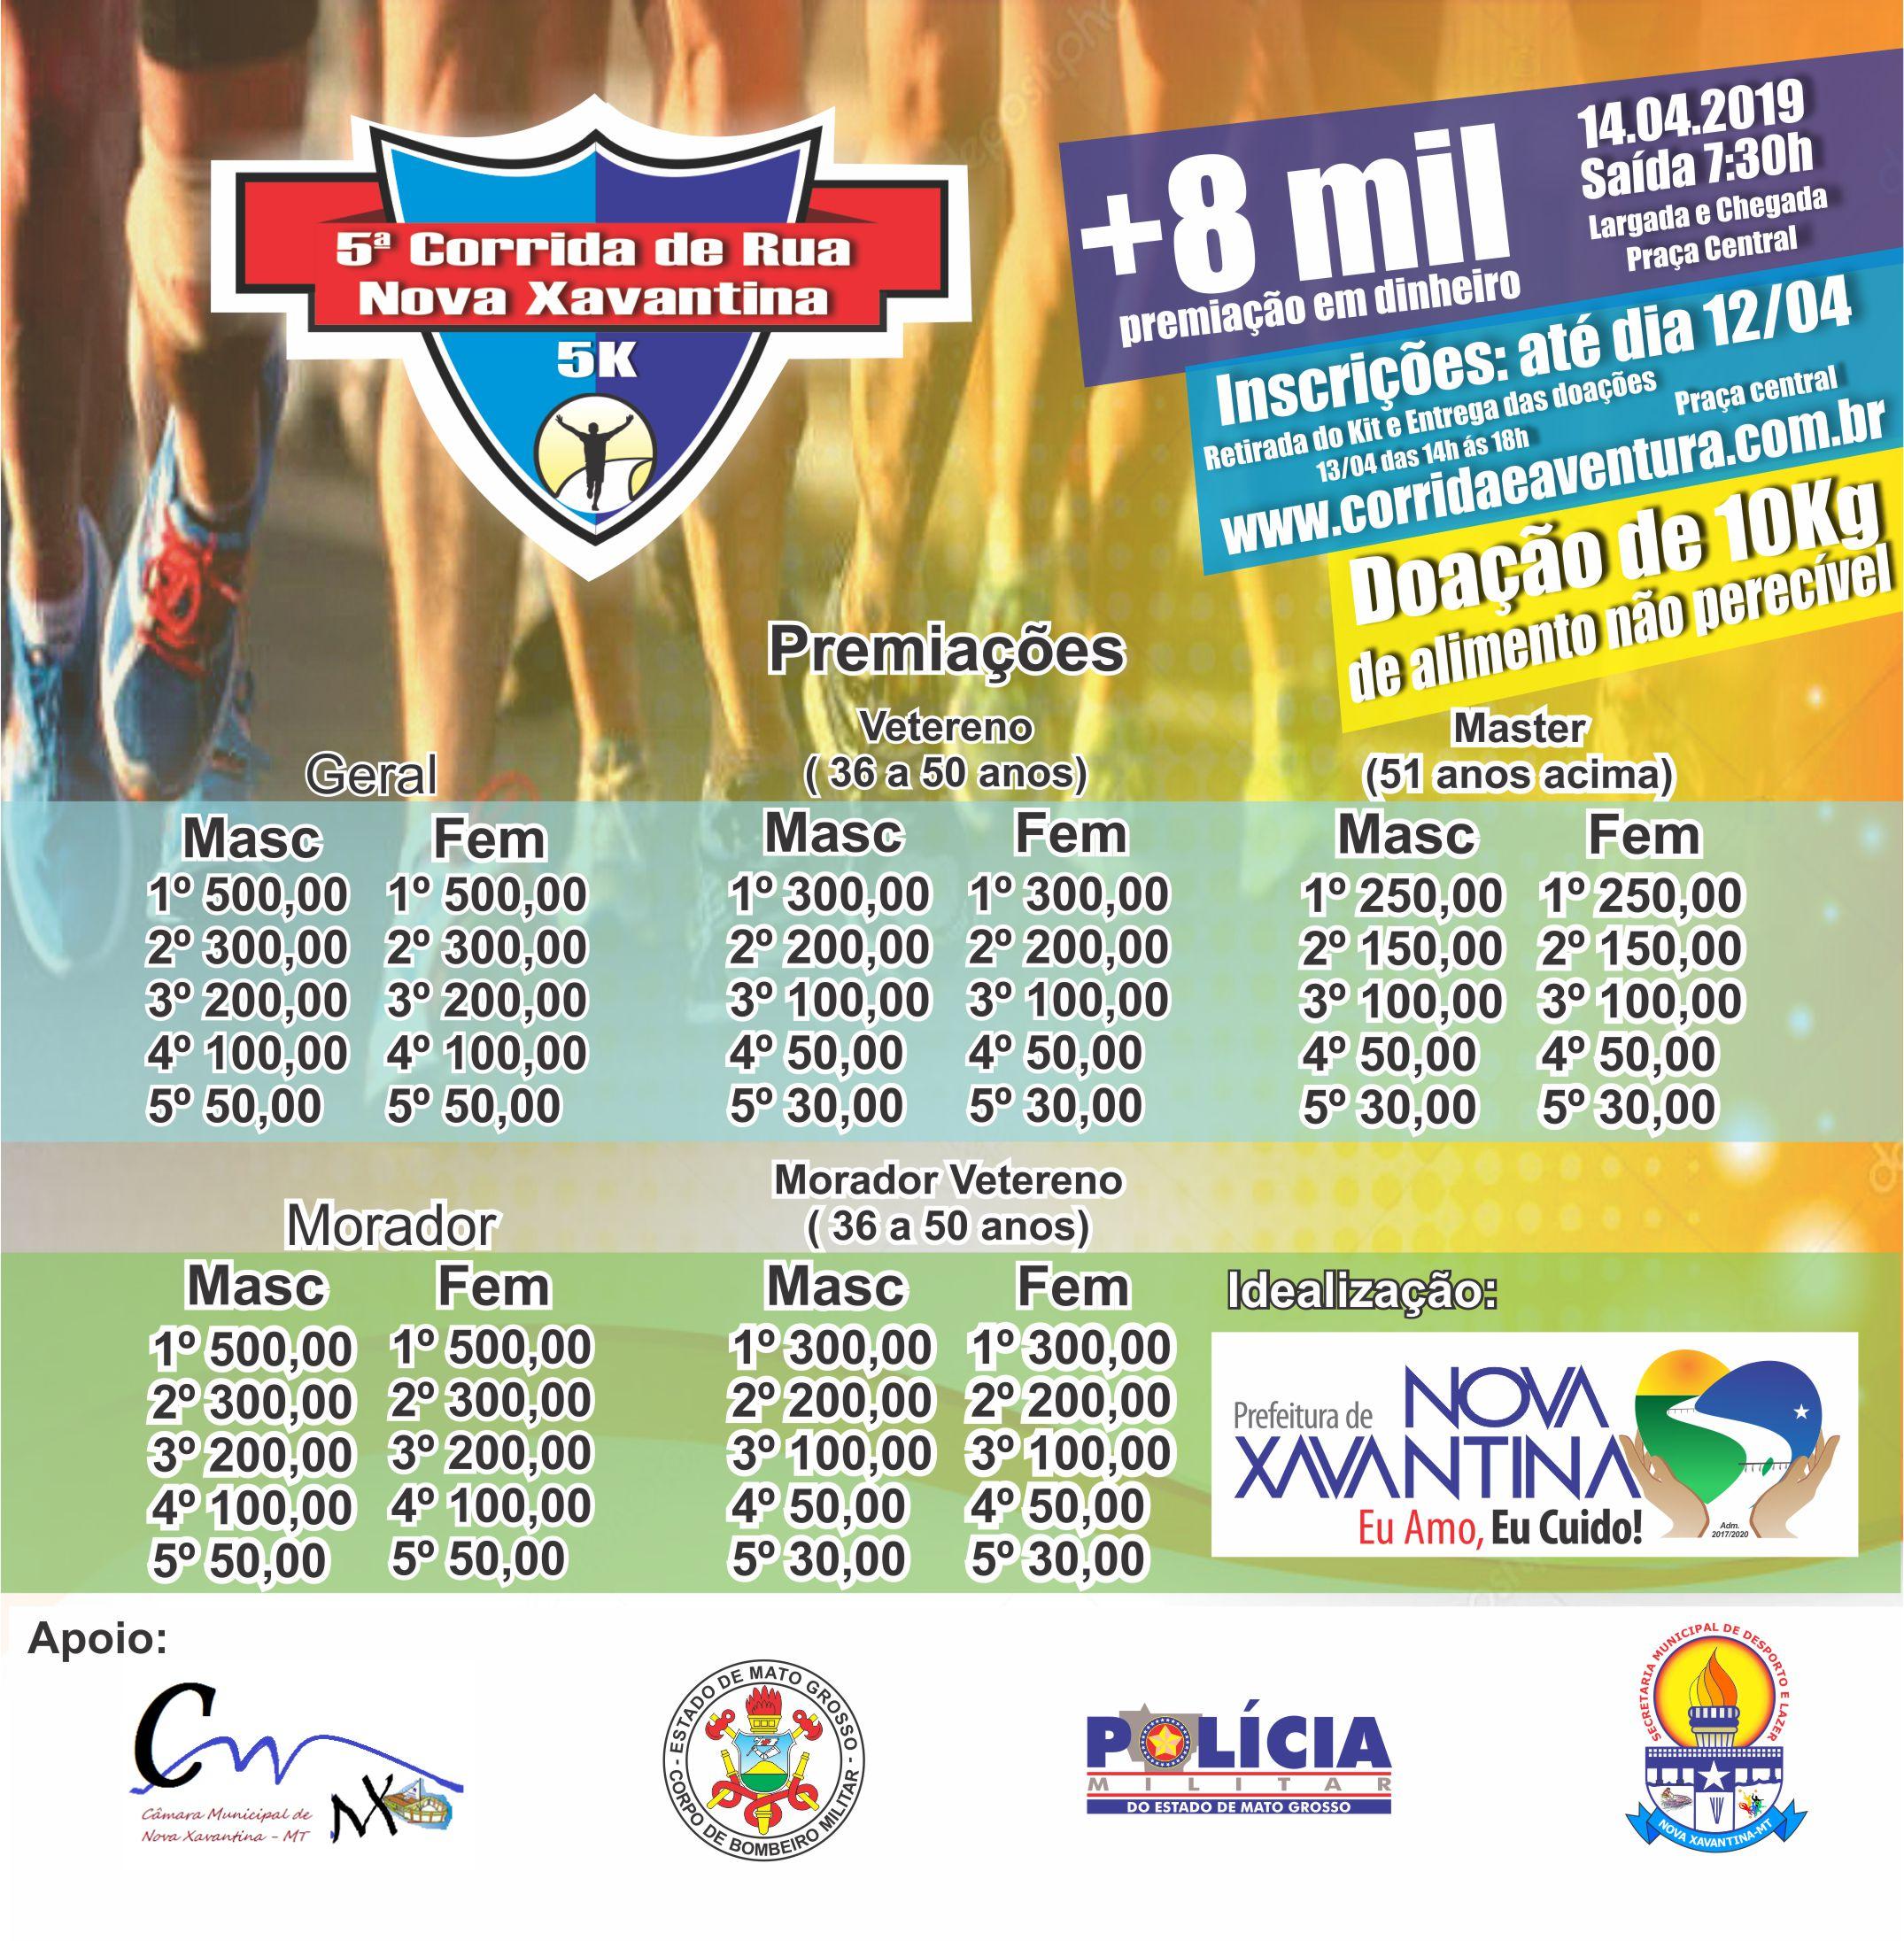 f924608de 5ª corrida de rua de Nova Xavantina